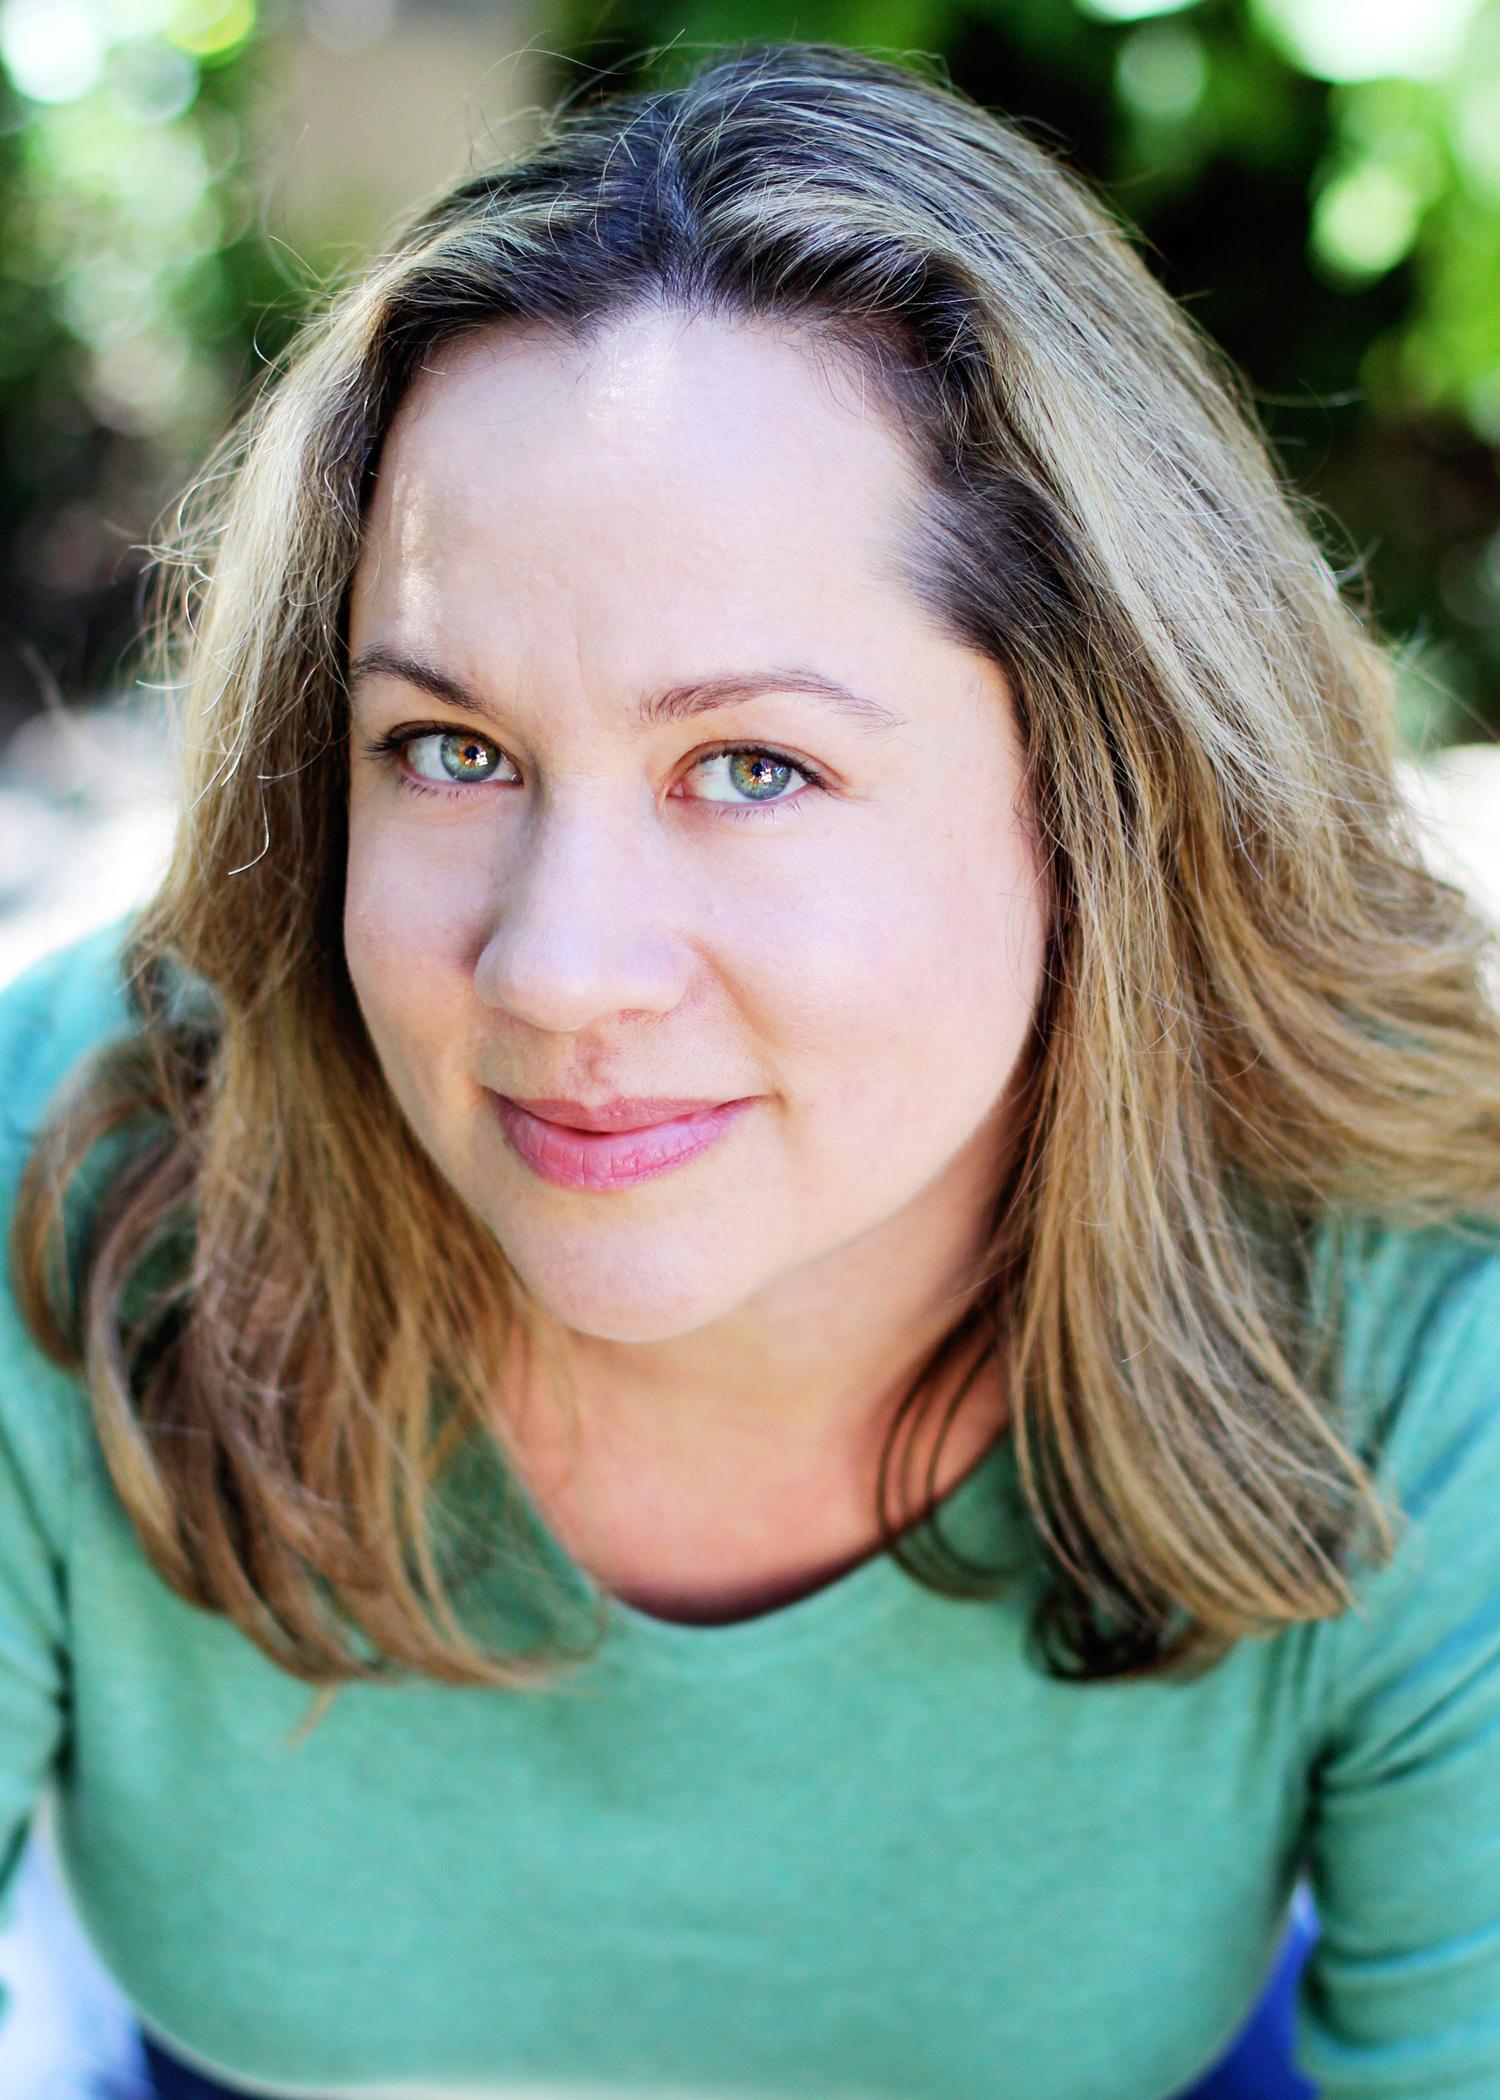 Author Jennifer Ziegler